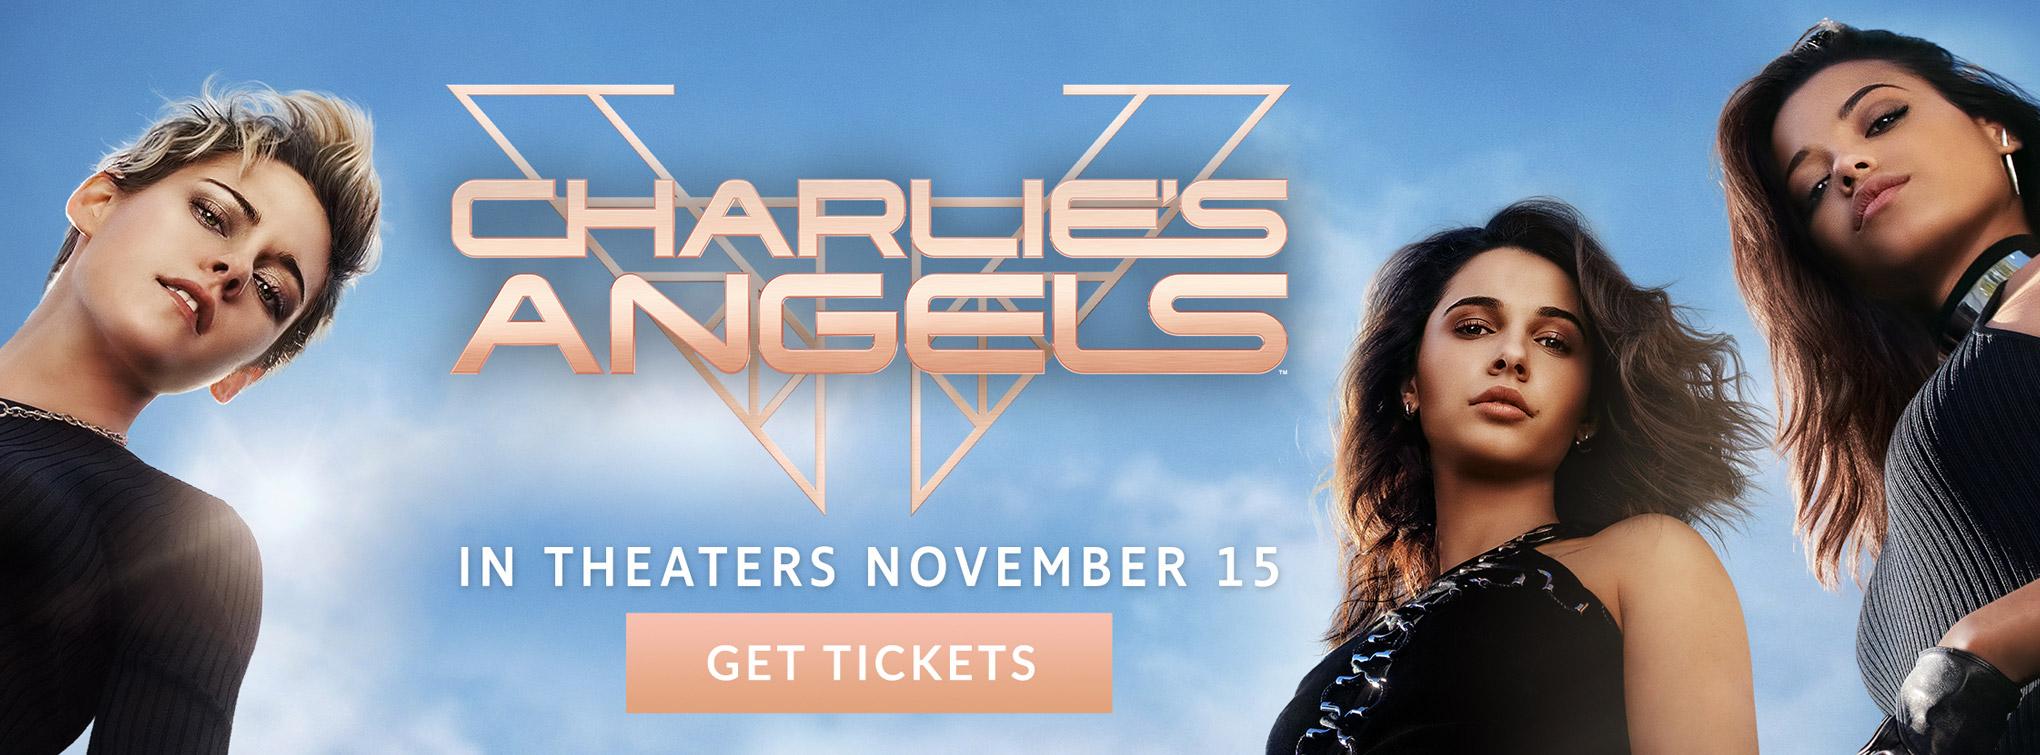 Slider image for Charlie's Angels